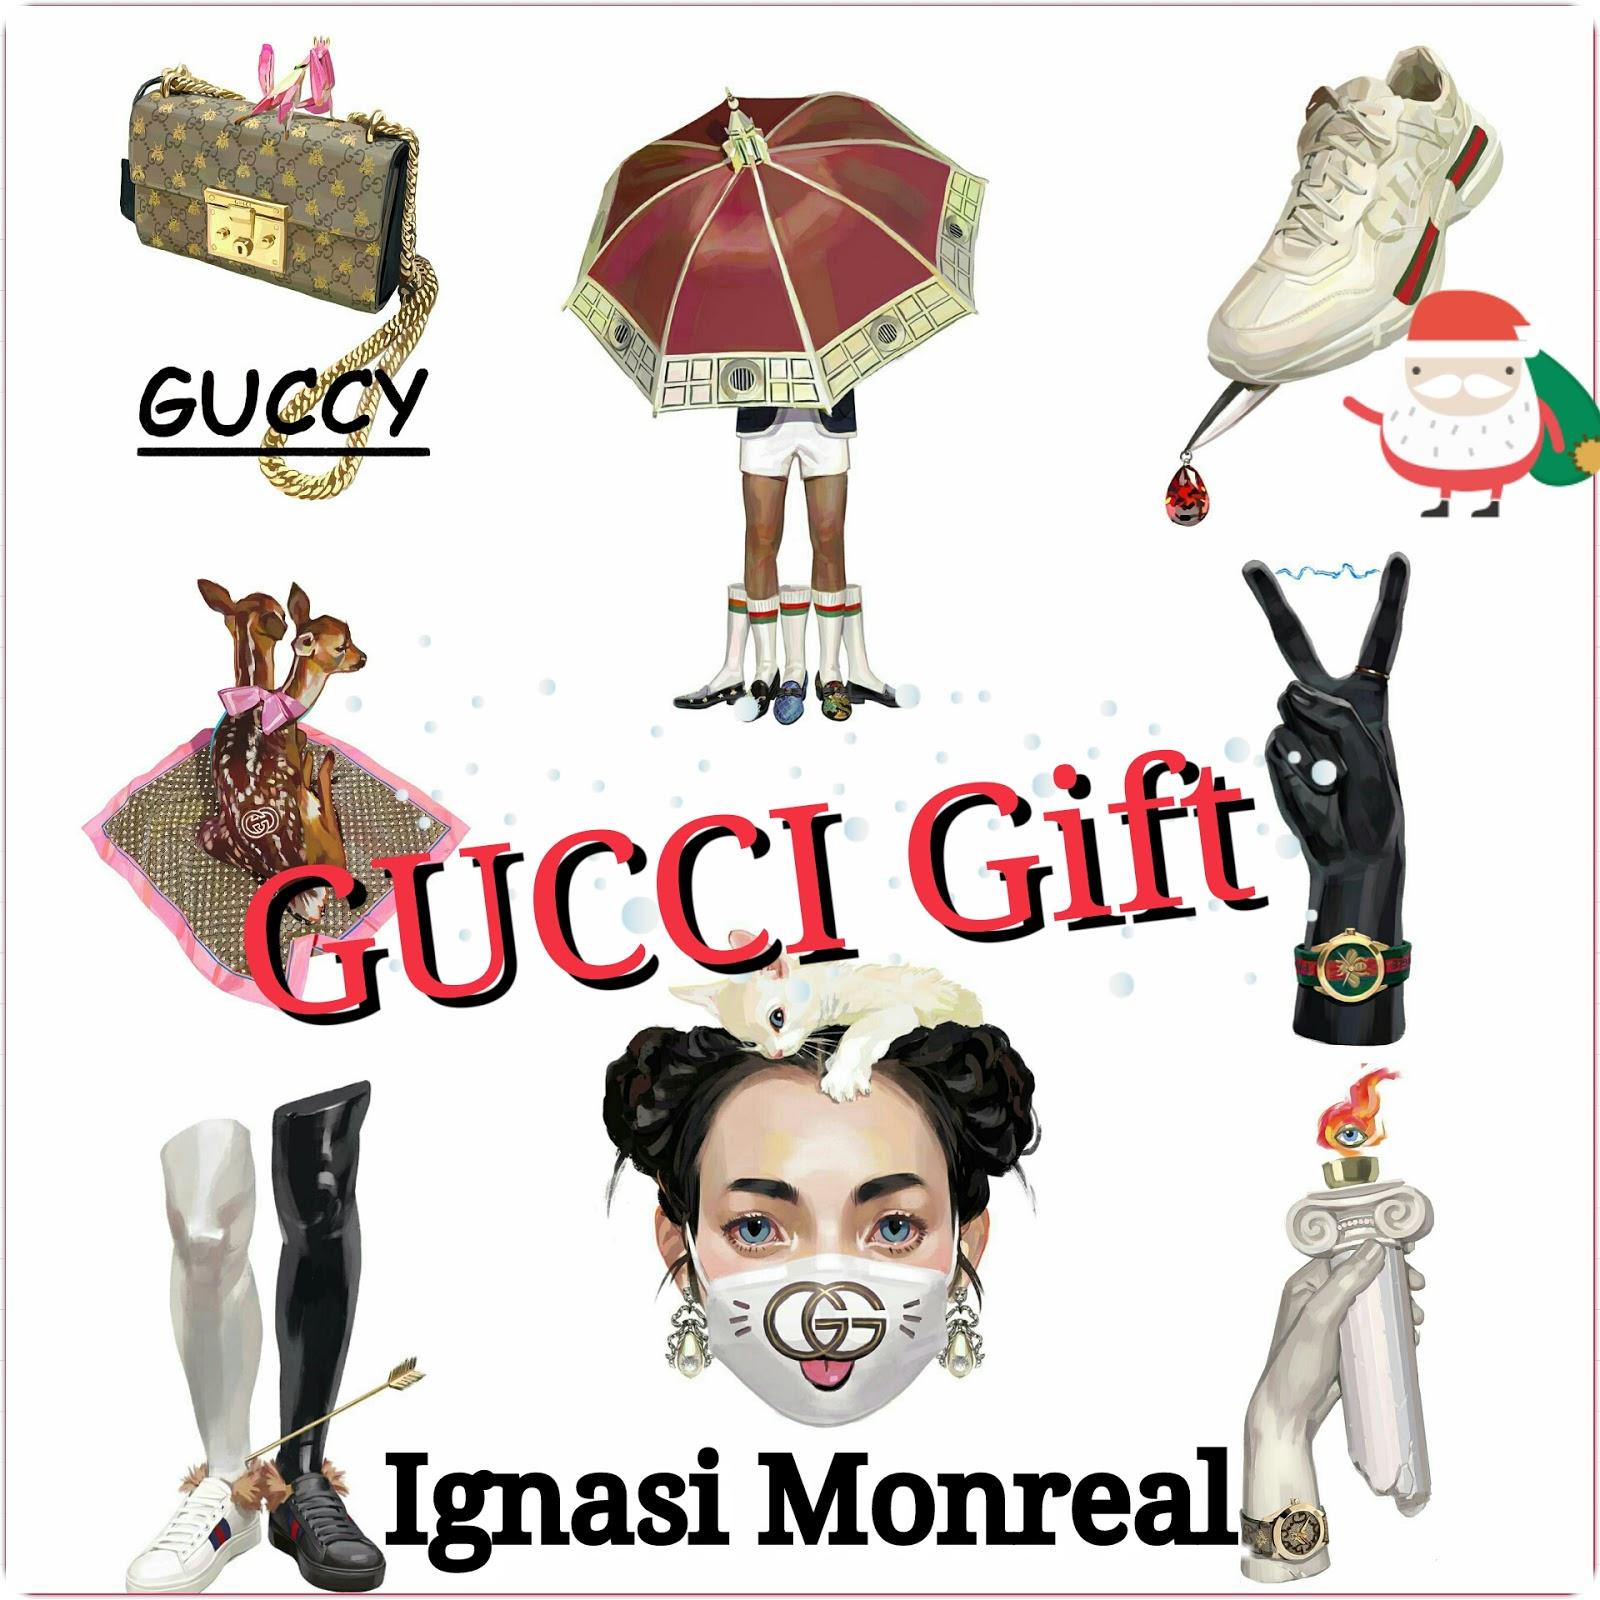 Quest'anno ai regali di Natale ci pensa Gucci! E tu... cosa scegli?